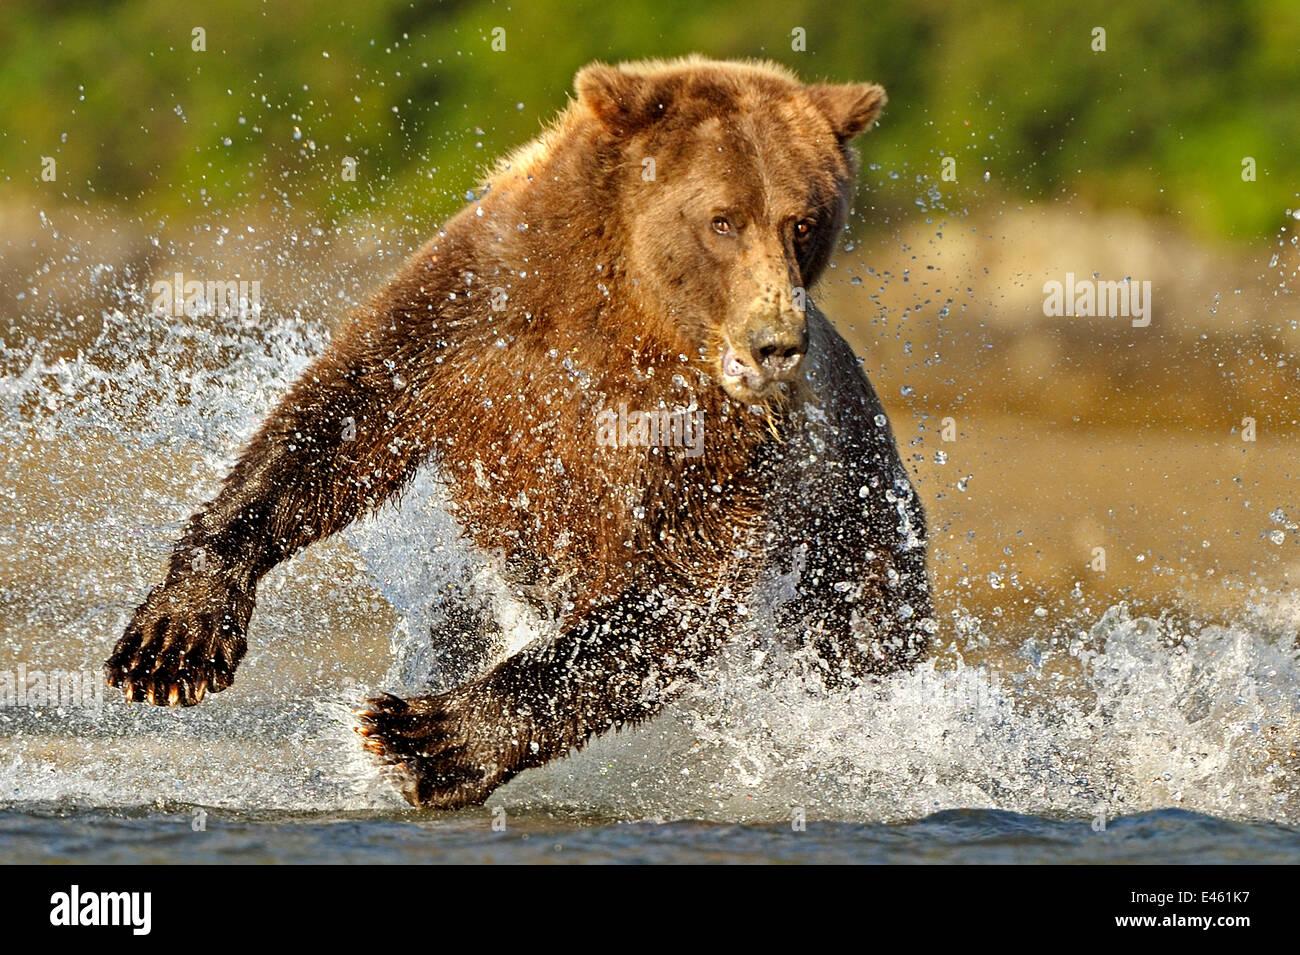 Grizzly Bear (Ursus arctos horribilis) chasing through water after salmon. Katmai, Alaska, USA, August. - Stock Image